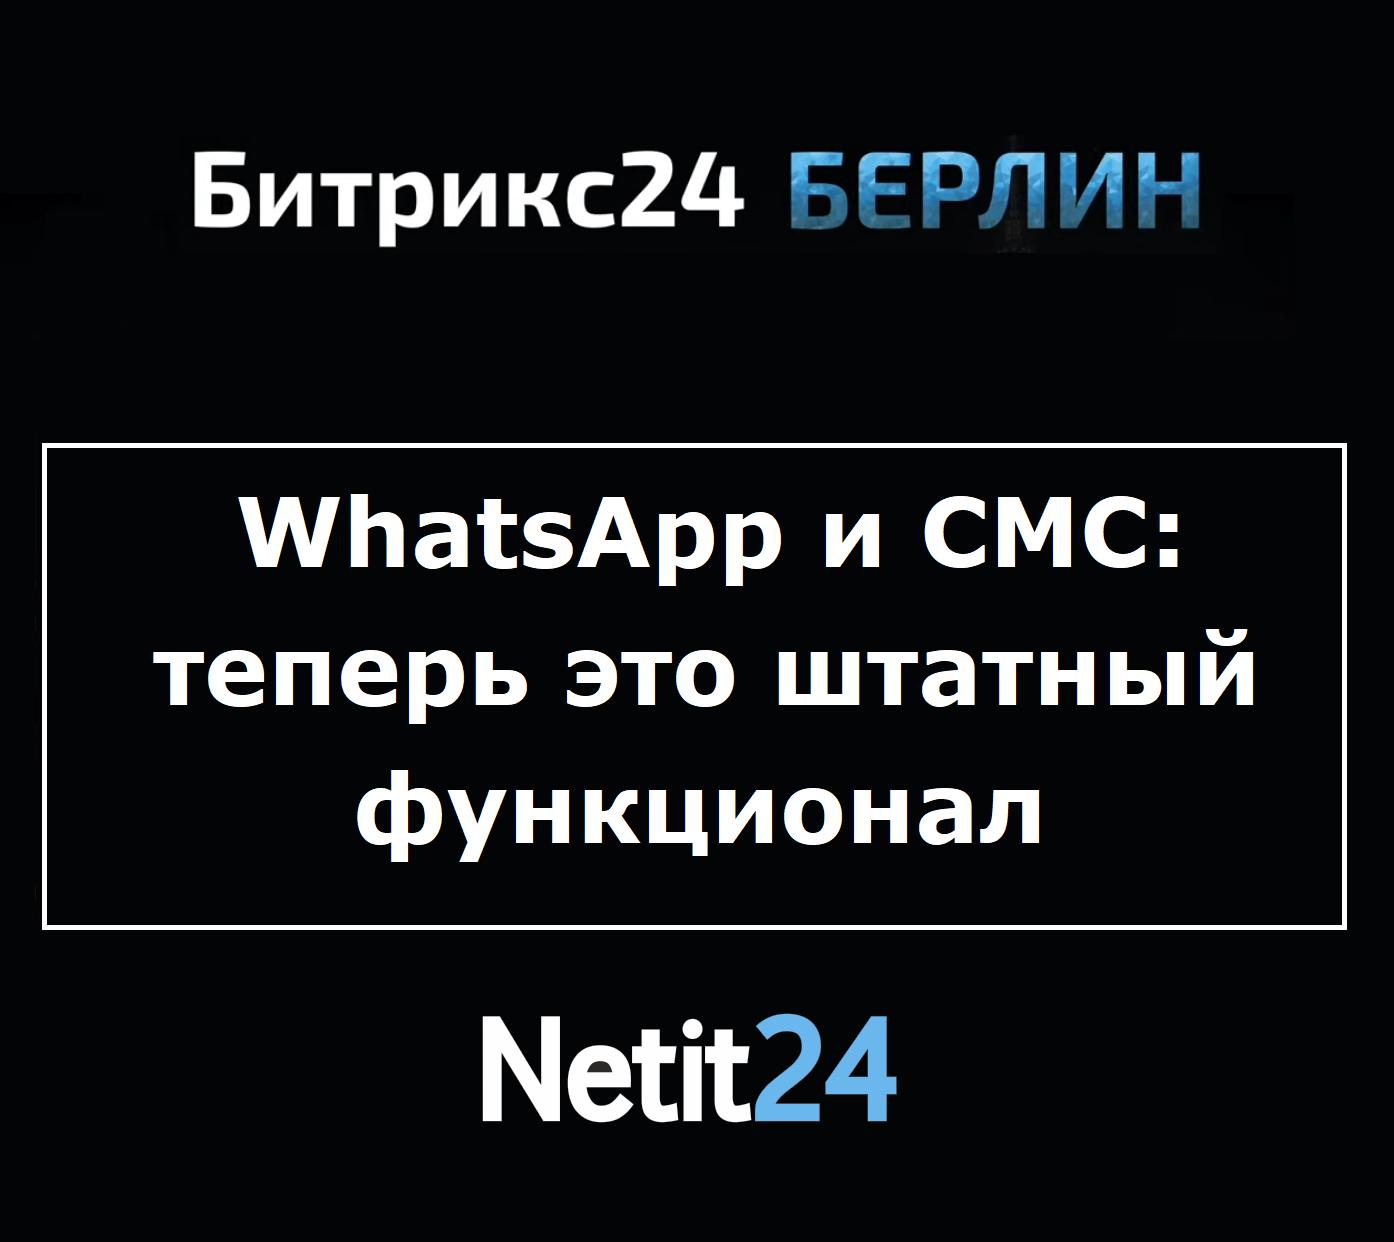 штатный функционал отправки СМС и сообщений в вотсап whatsapp через Битрикс24 Netit24